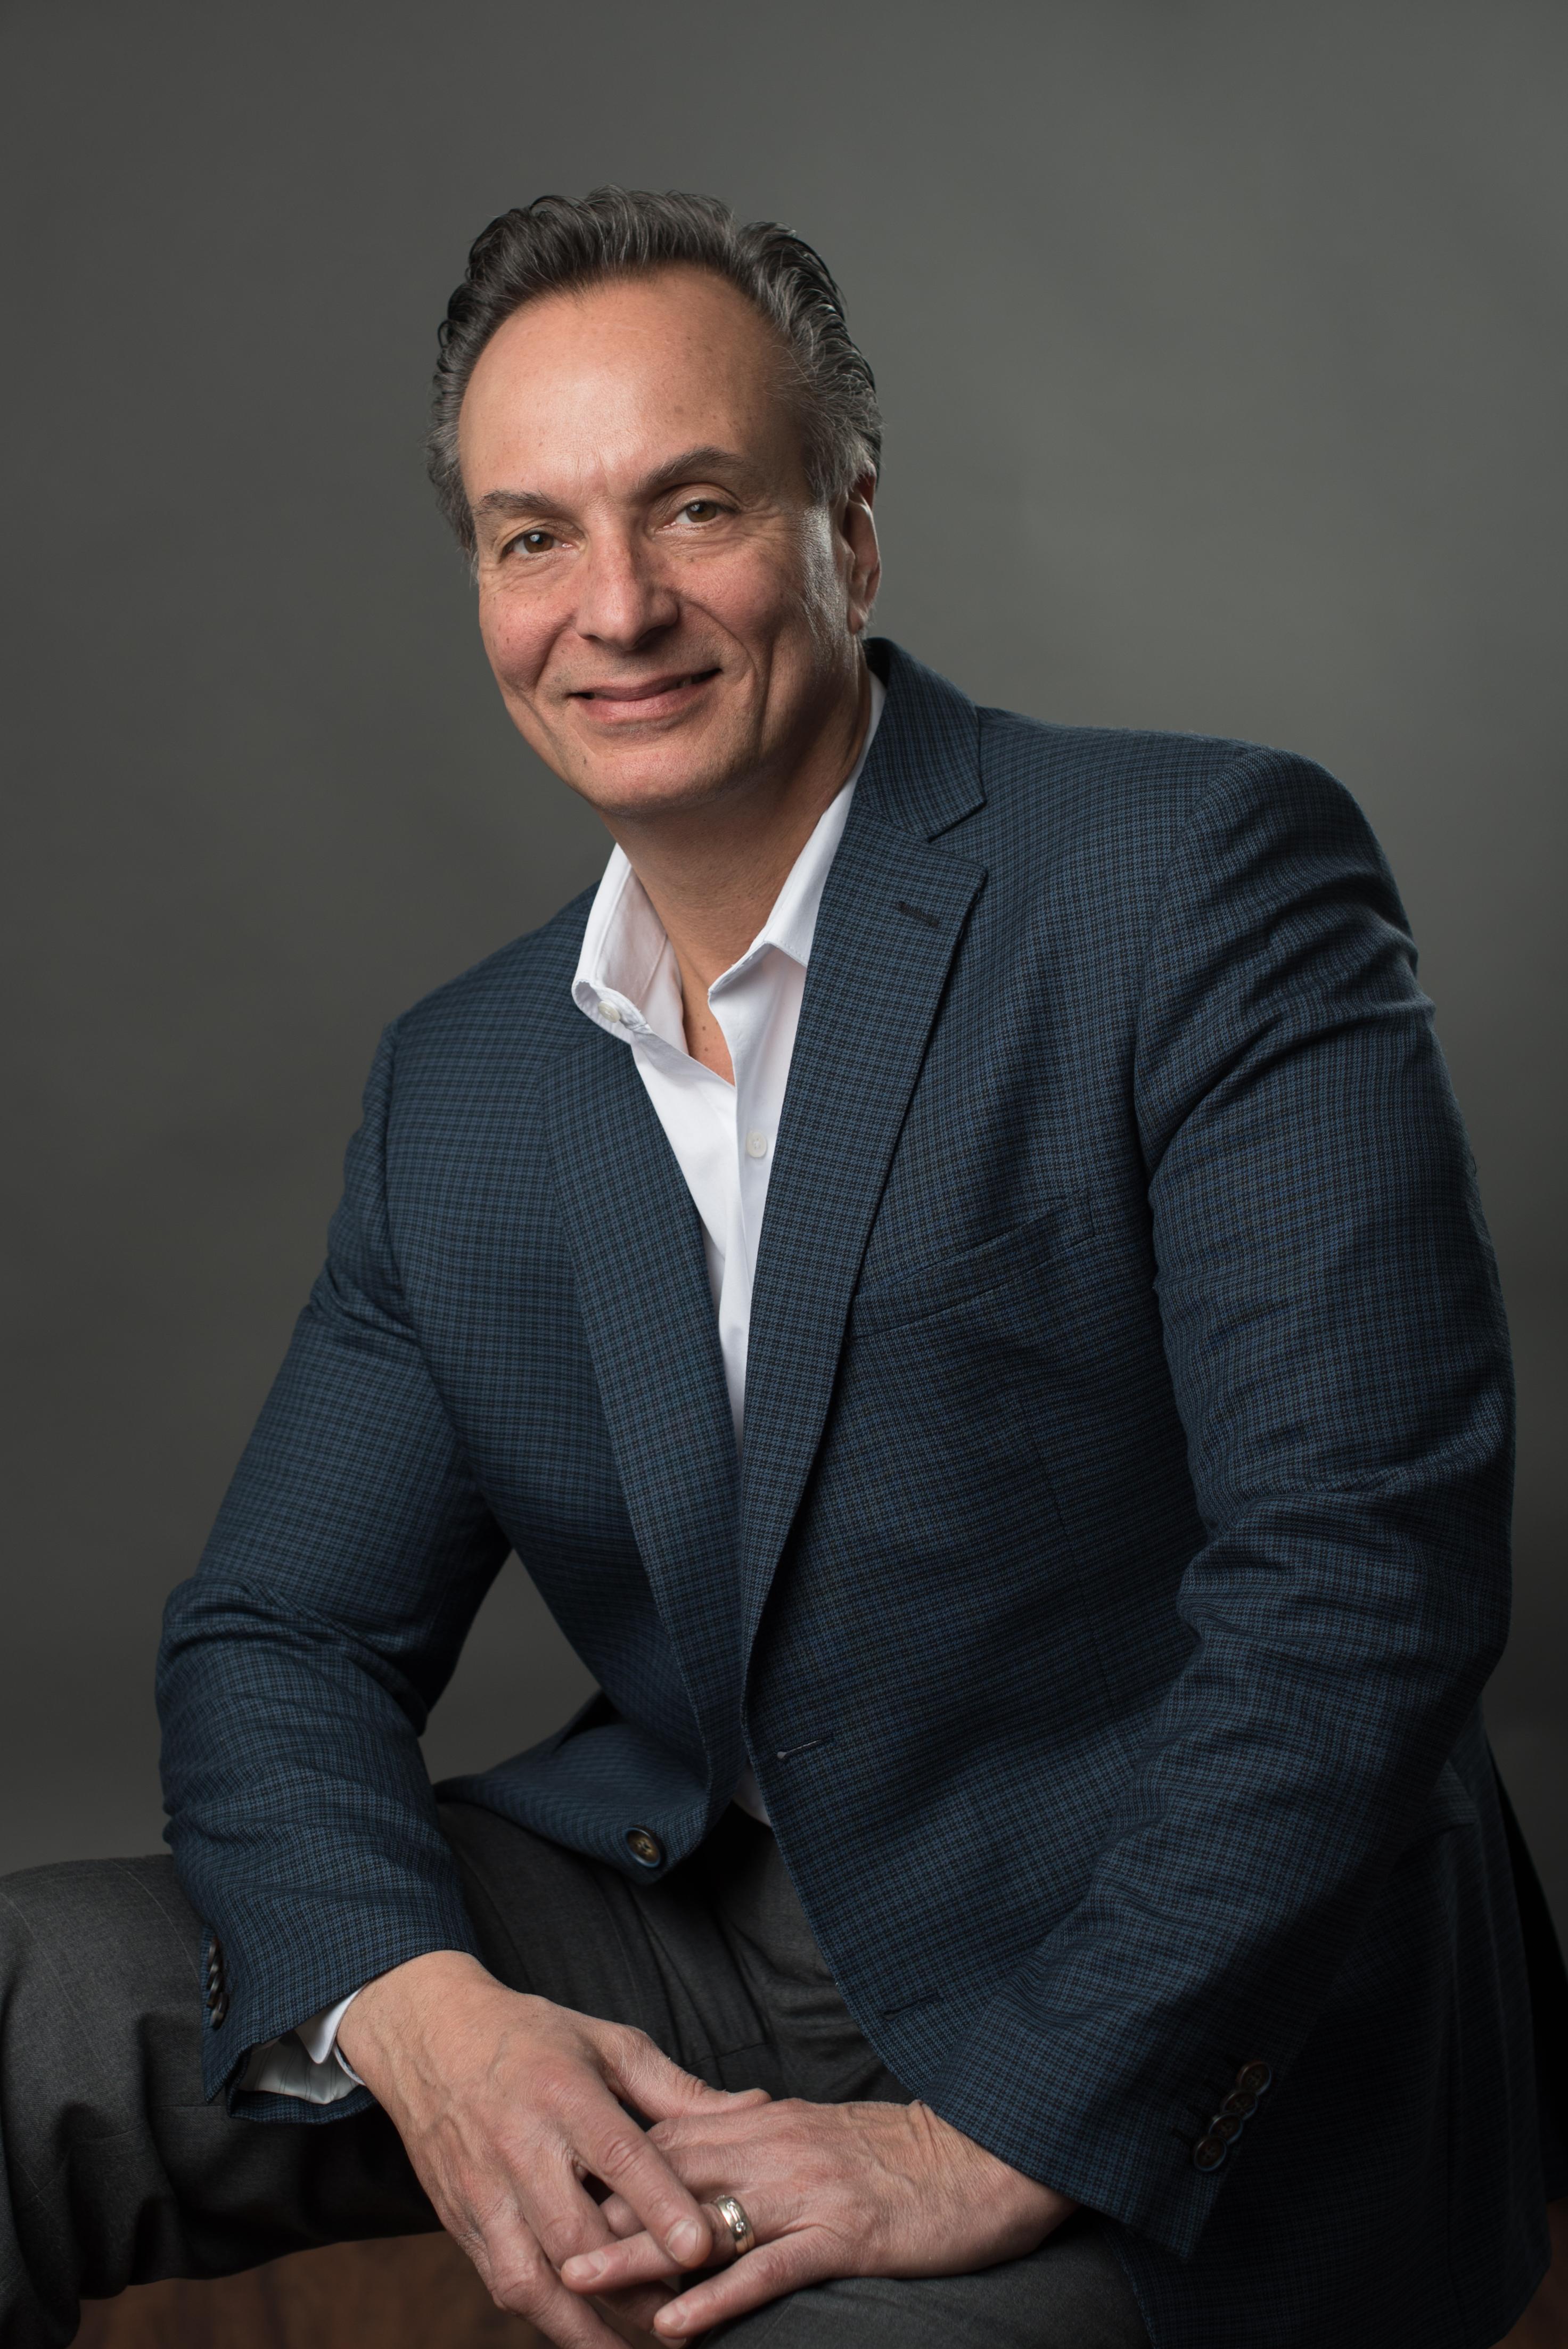 Dr. Vincent Taffuri